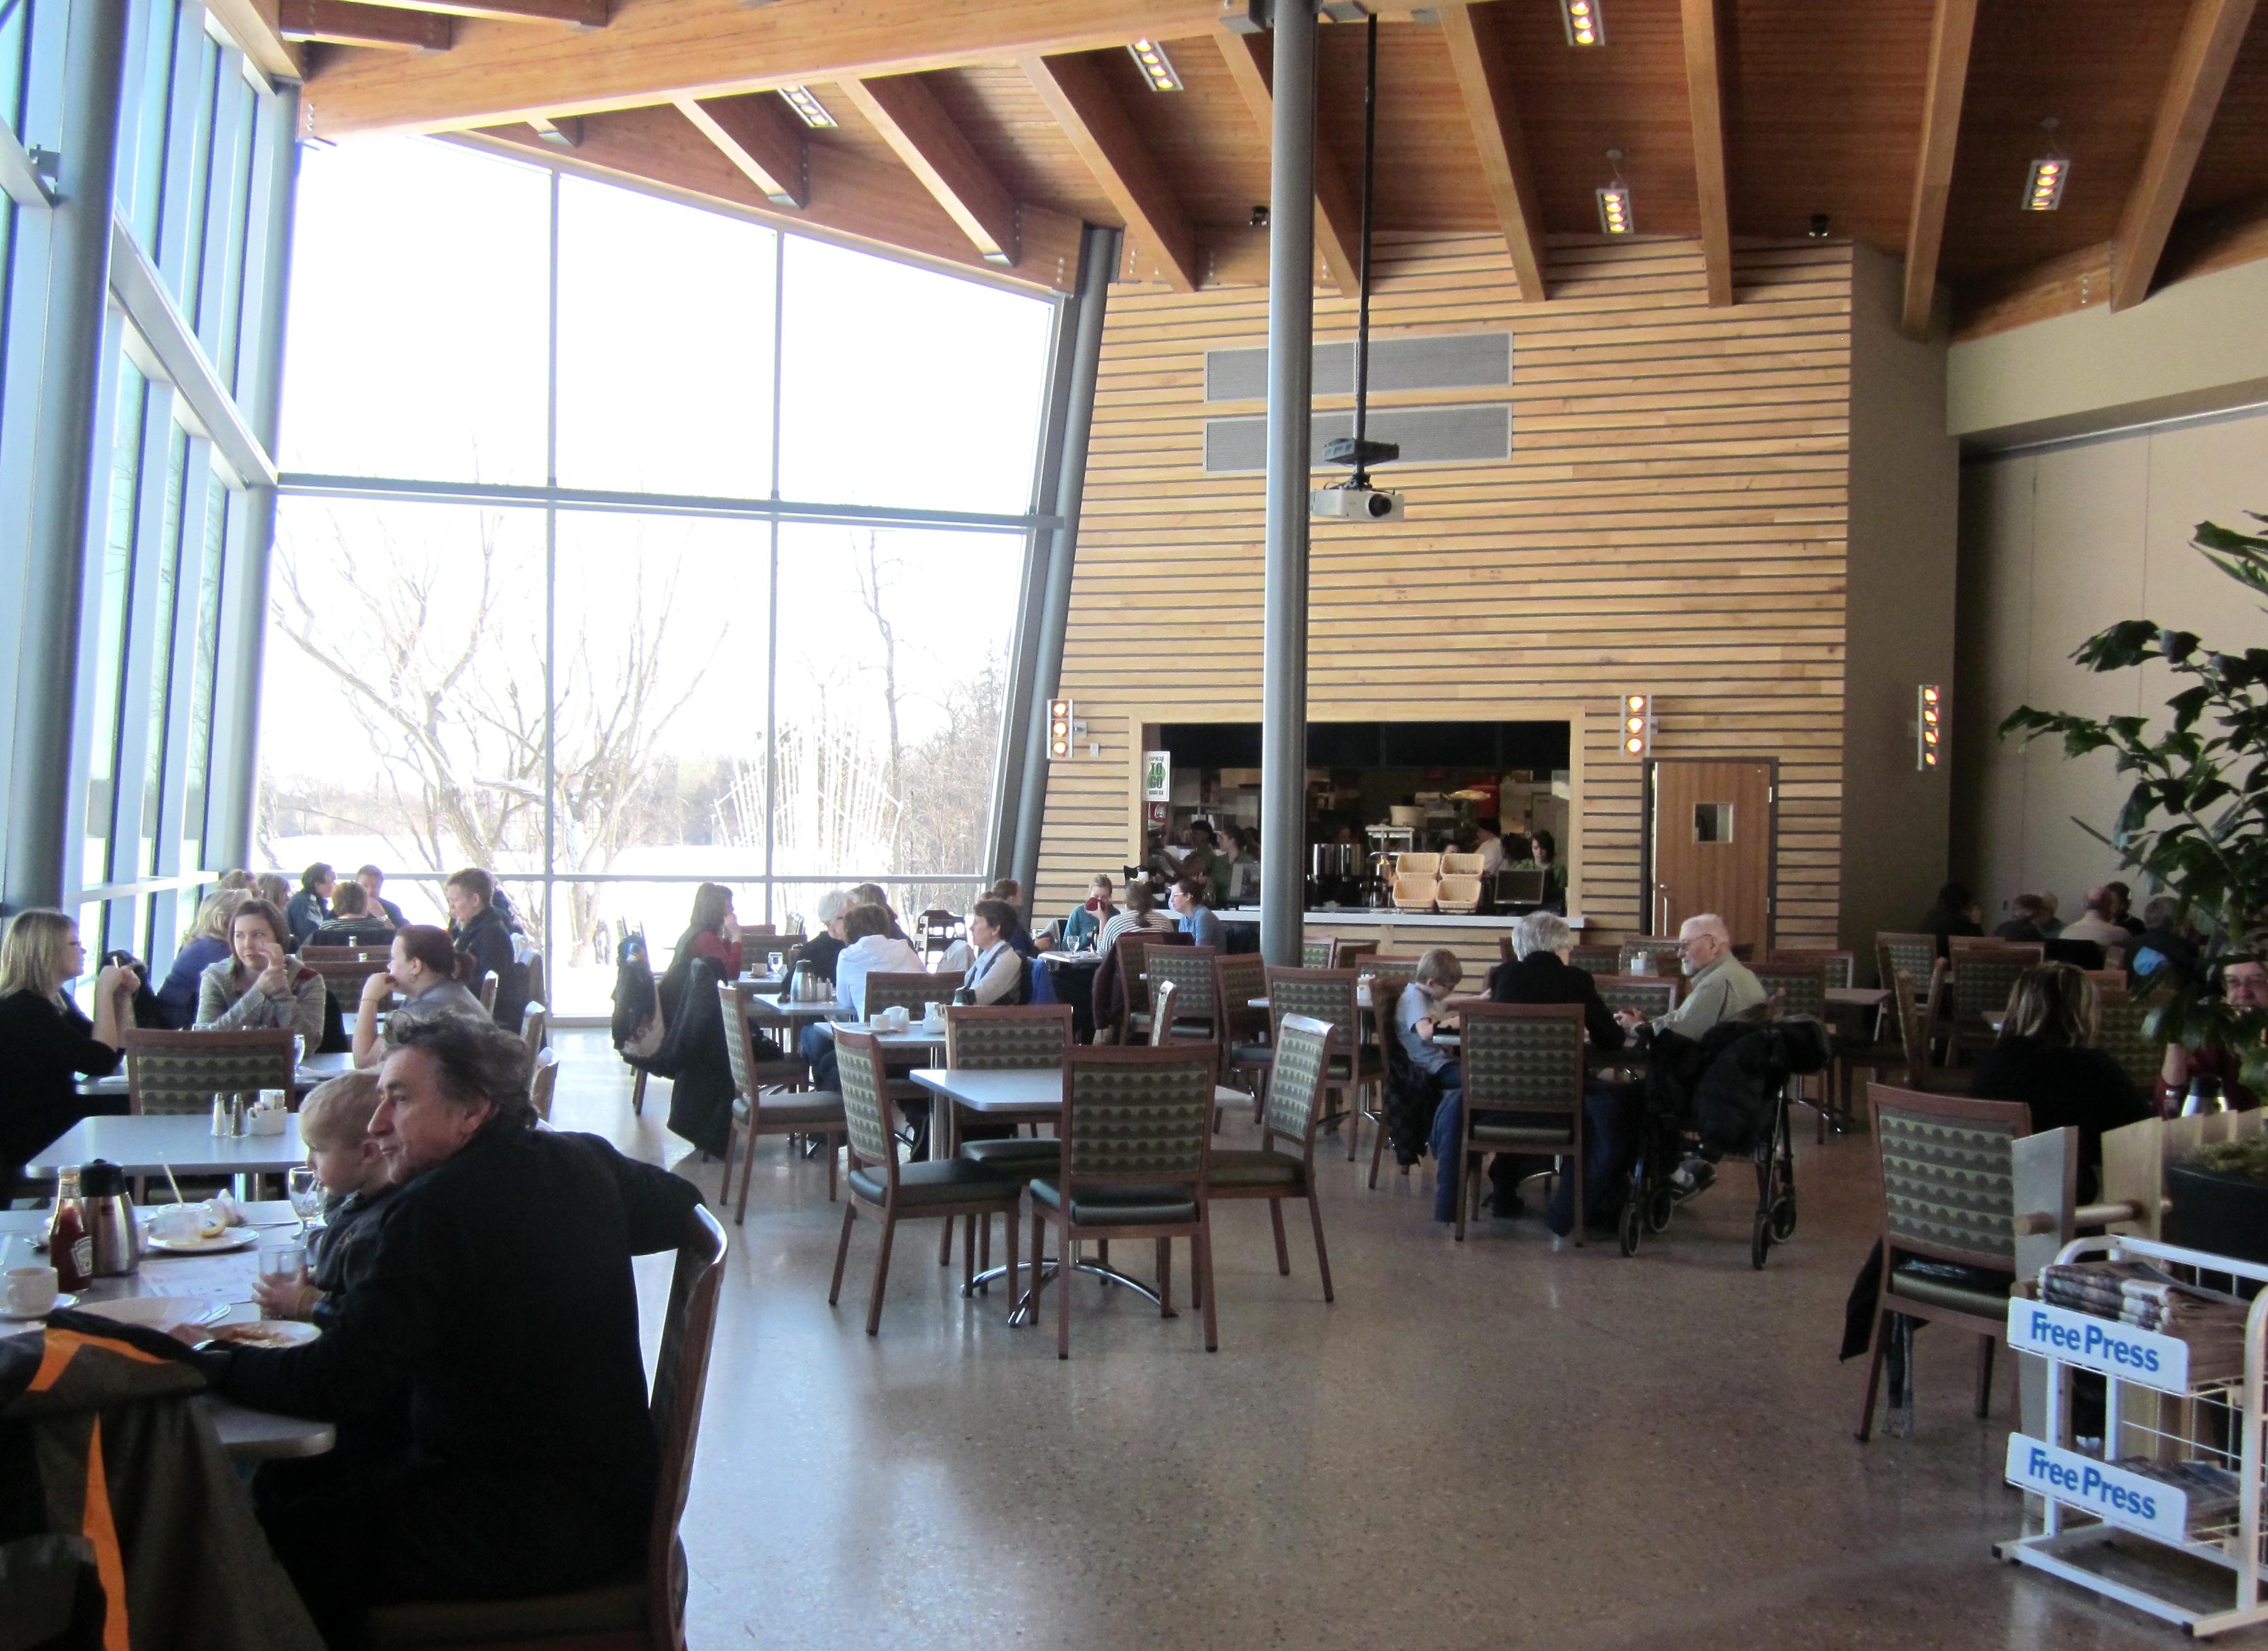 Qualico Restaurant Assiniboine Park Winnipeg